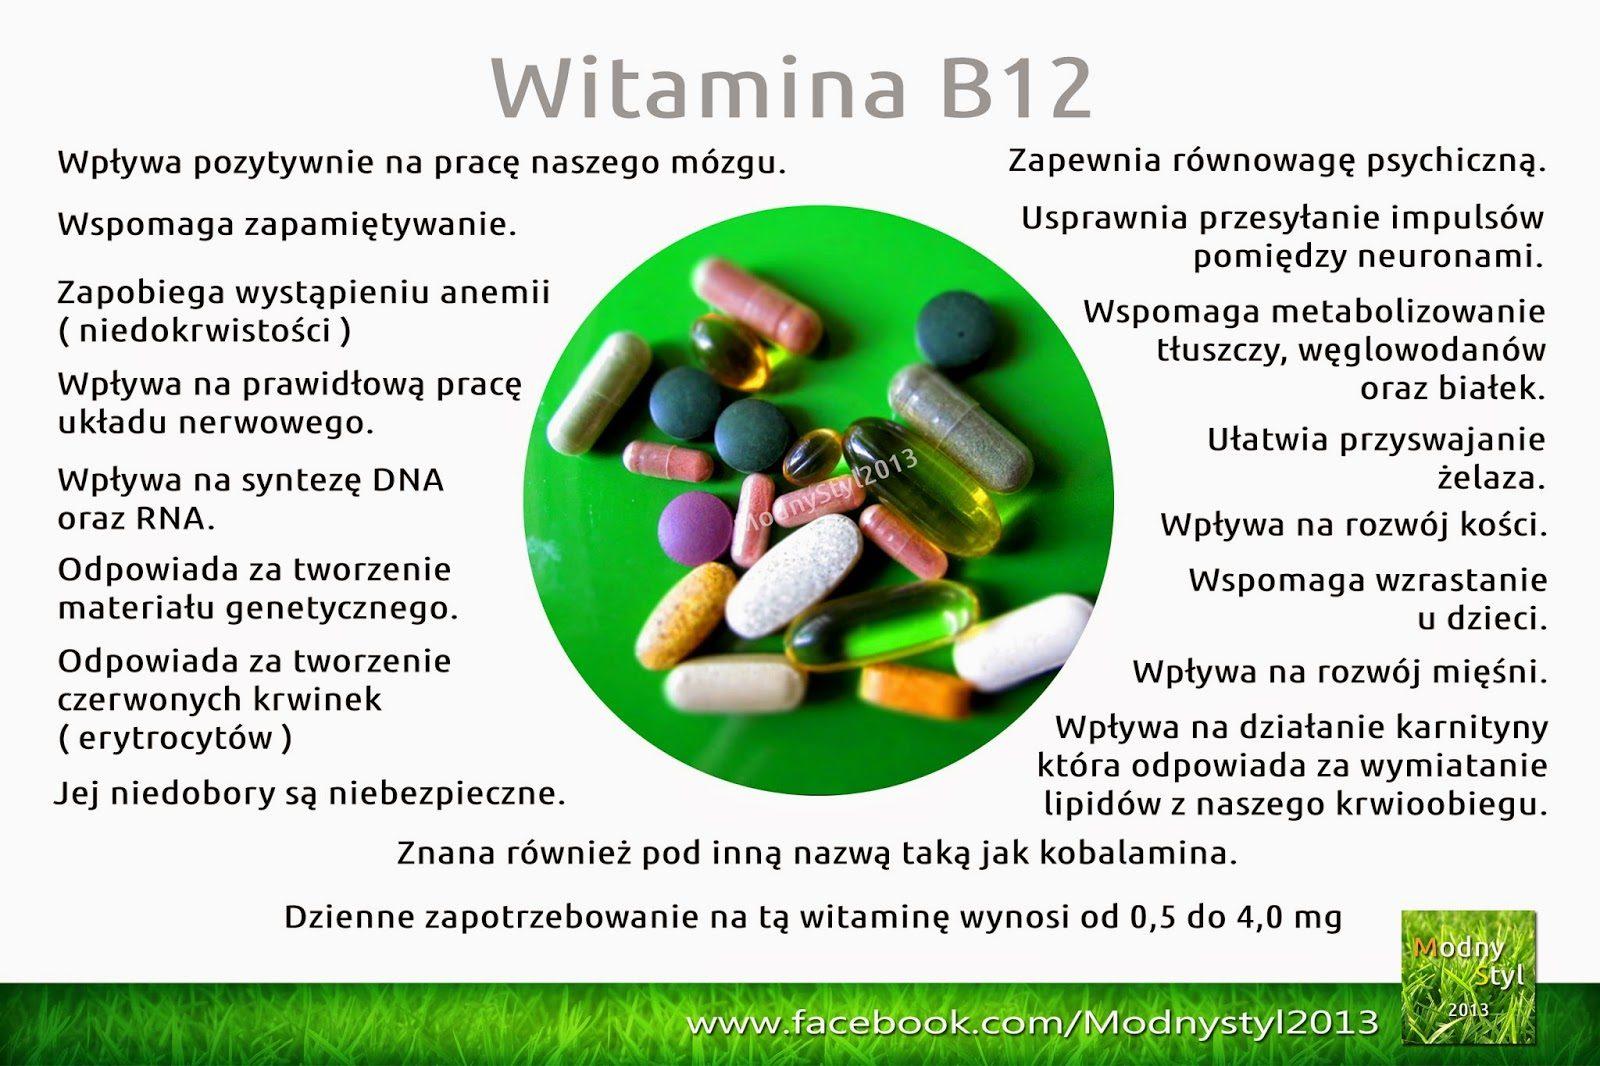 witamina2bb12-6769659